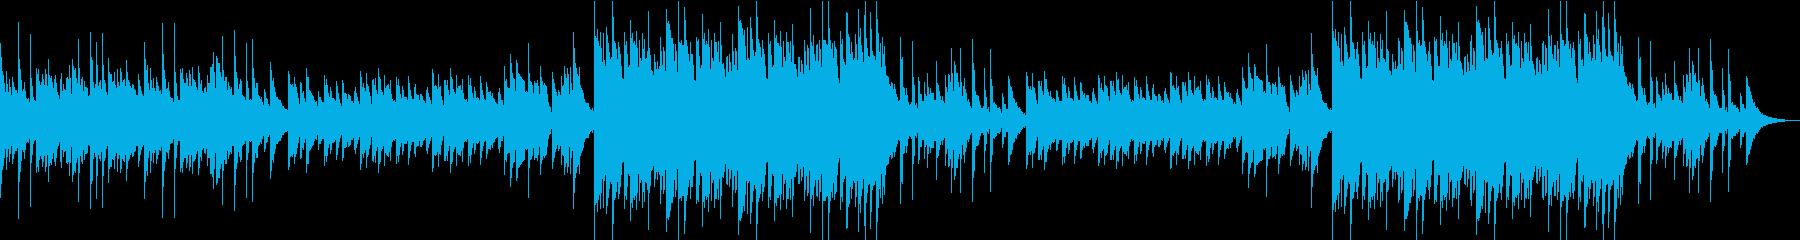 旋律が情緒的なピアノソロの三拍子バラードの再生済みの波形